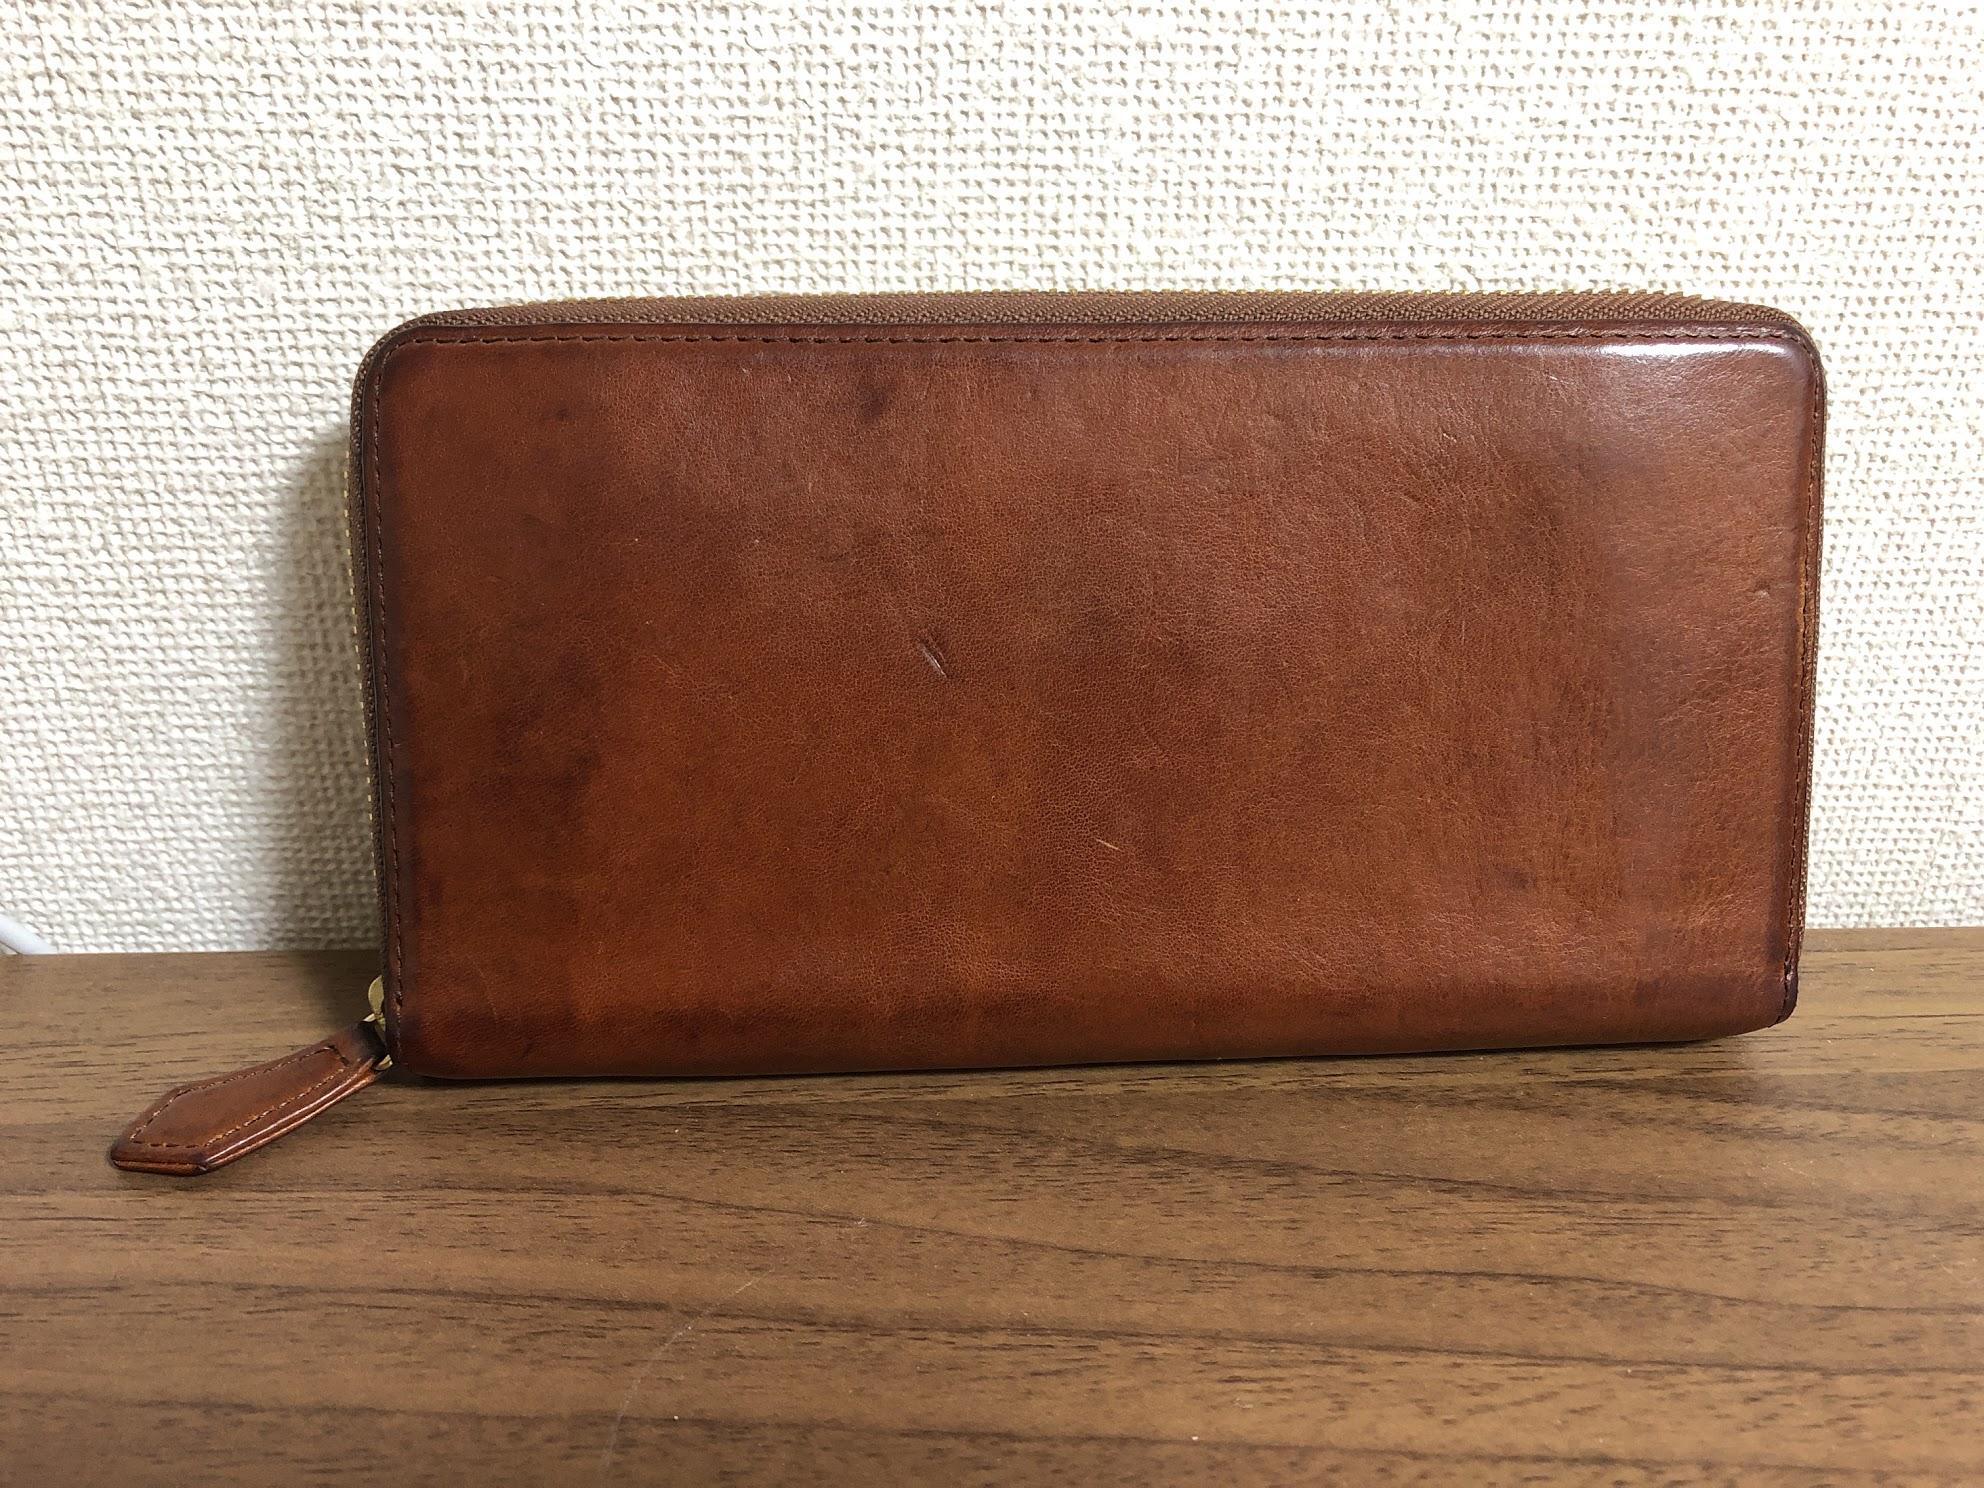 自分の使っている財布